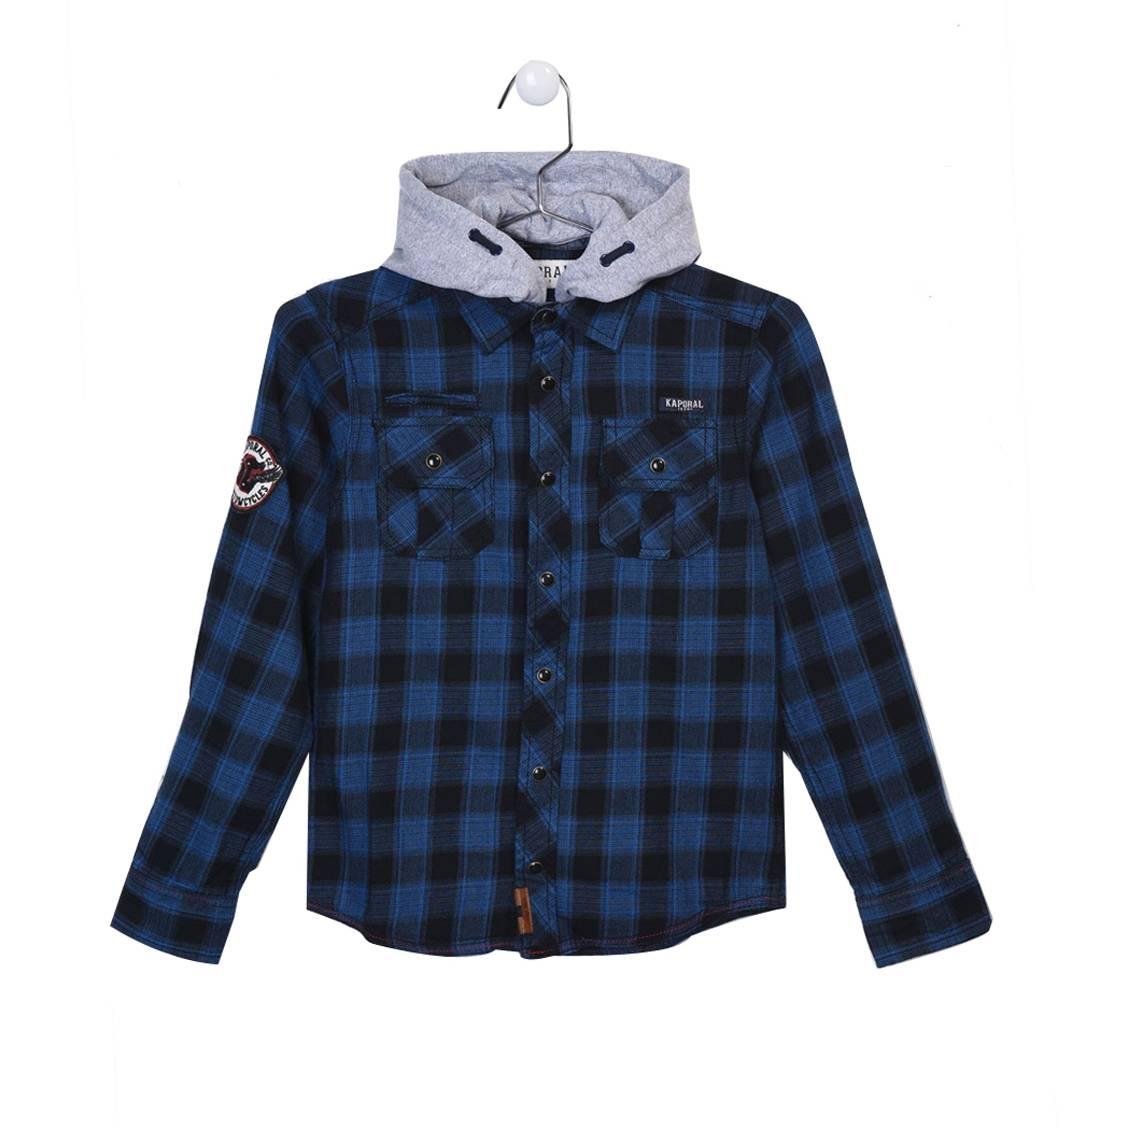 Chemise droite  ned en coton à carreaux bleus et noirs, à capuche amovible